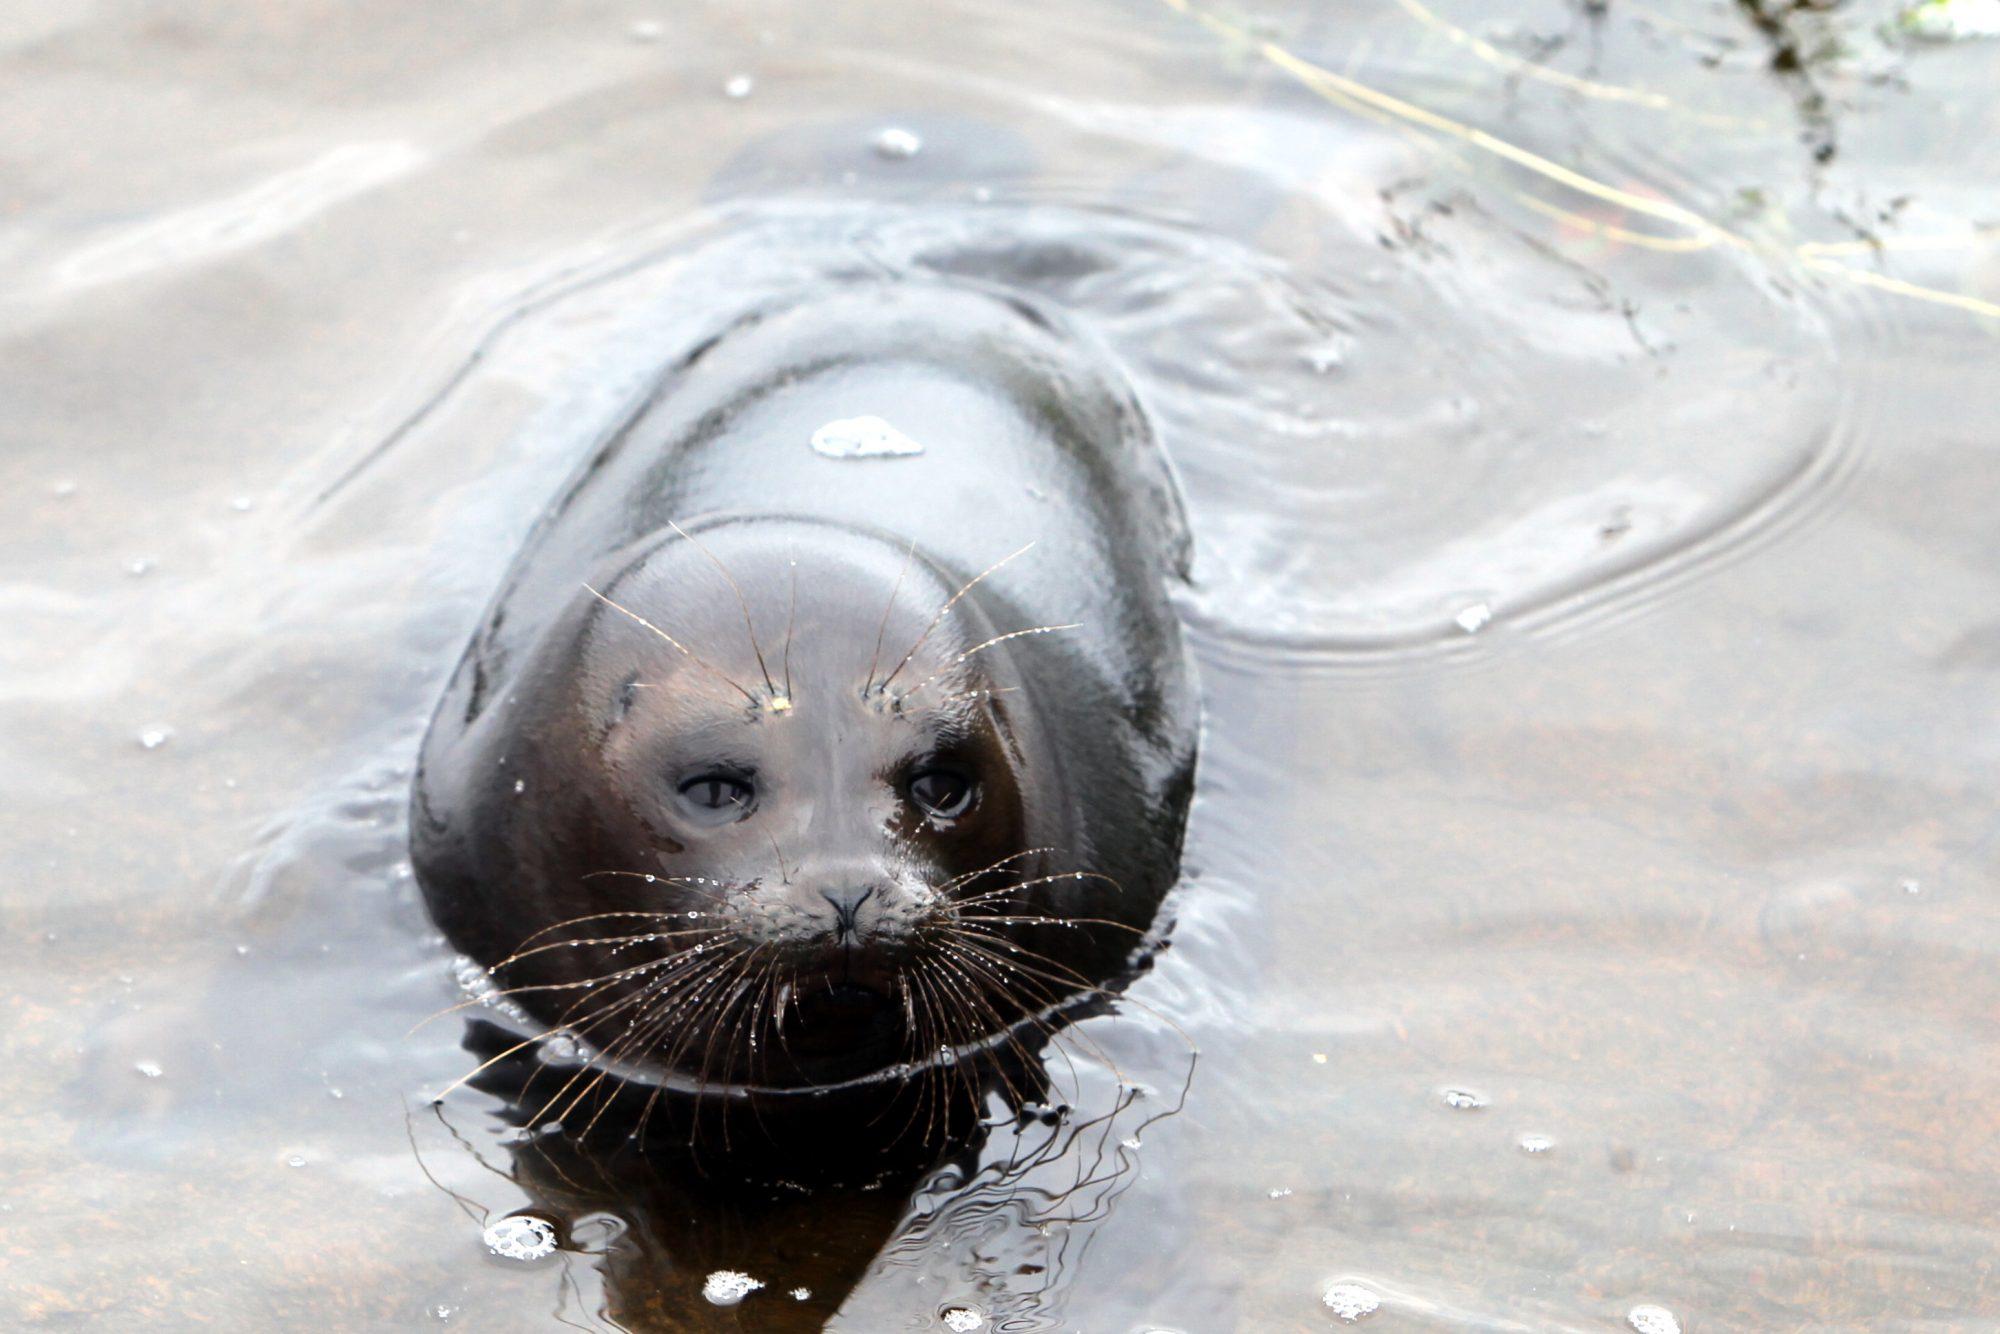 ладожская кольчатая нерпа центр изучения и сохранения морских млекопитающих тюлени ластоногие выпуск